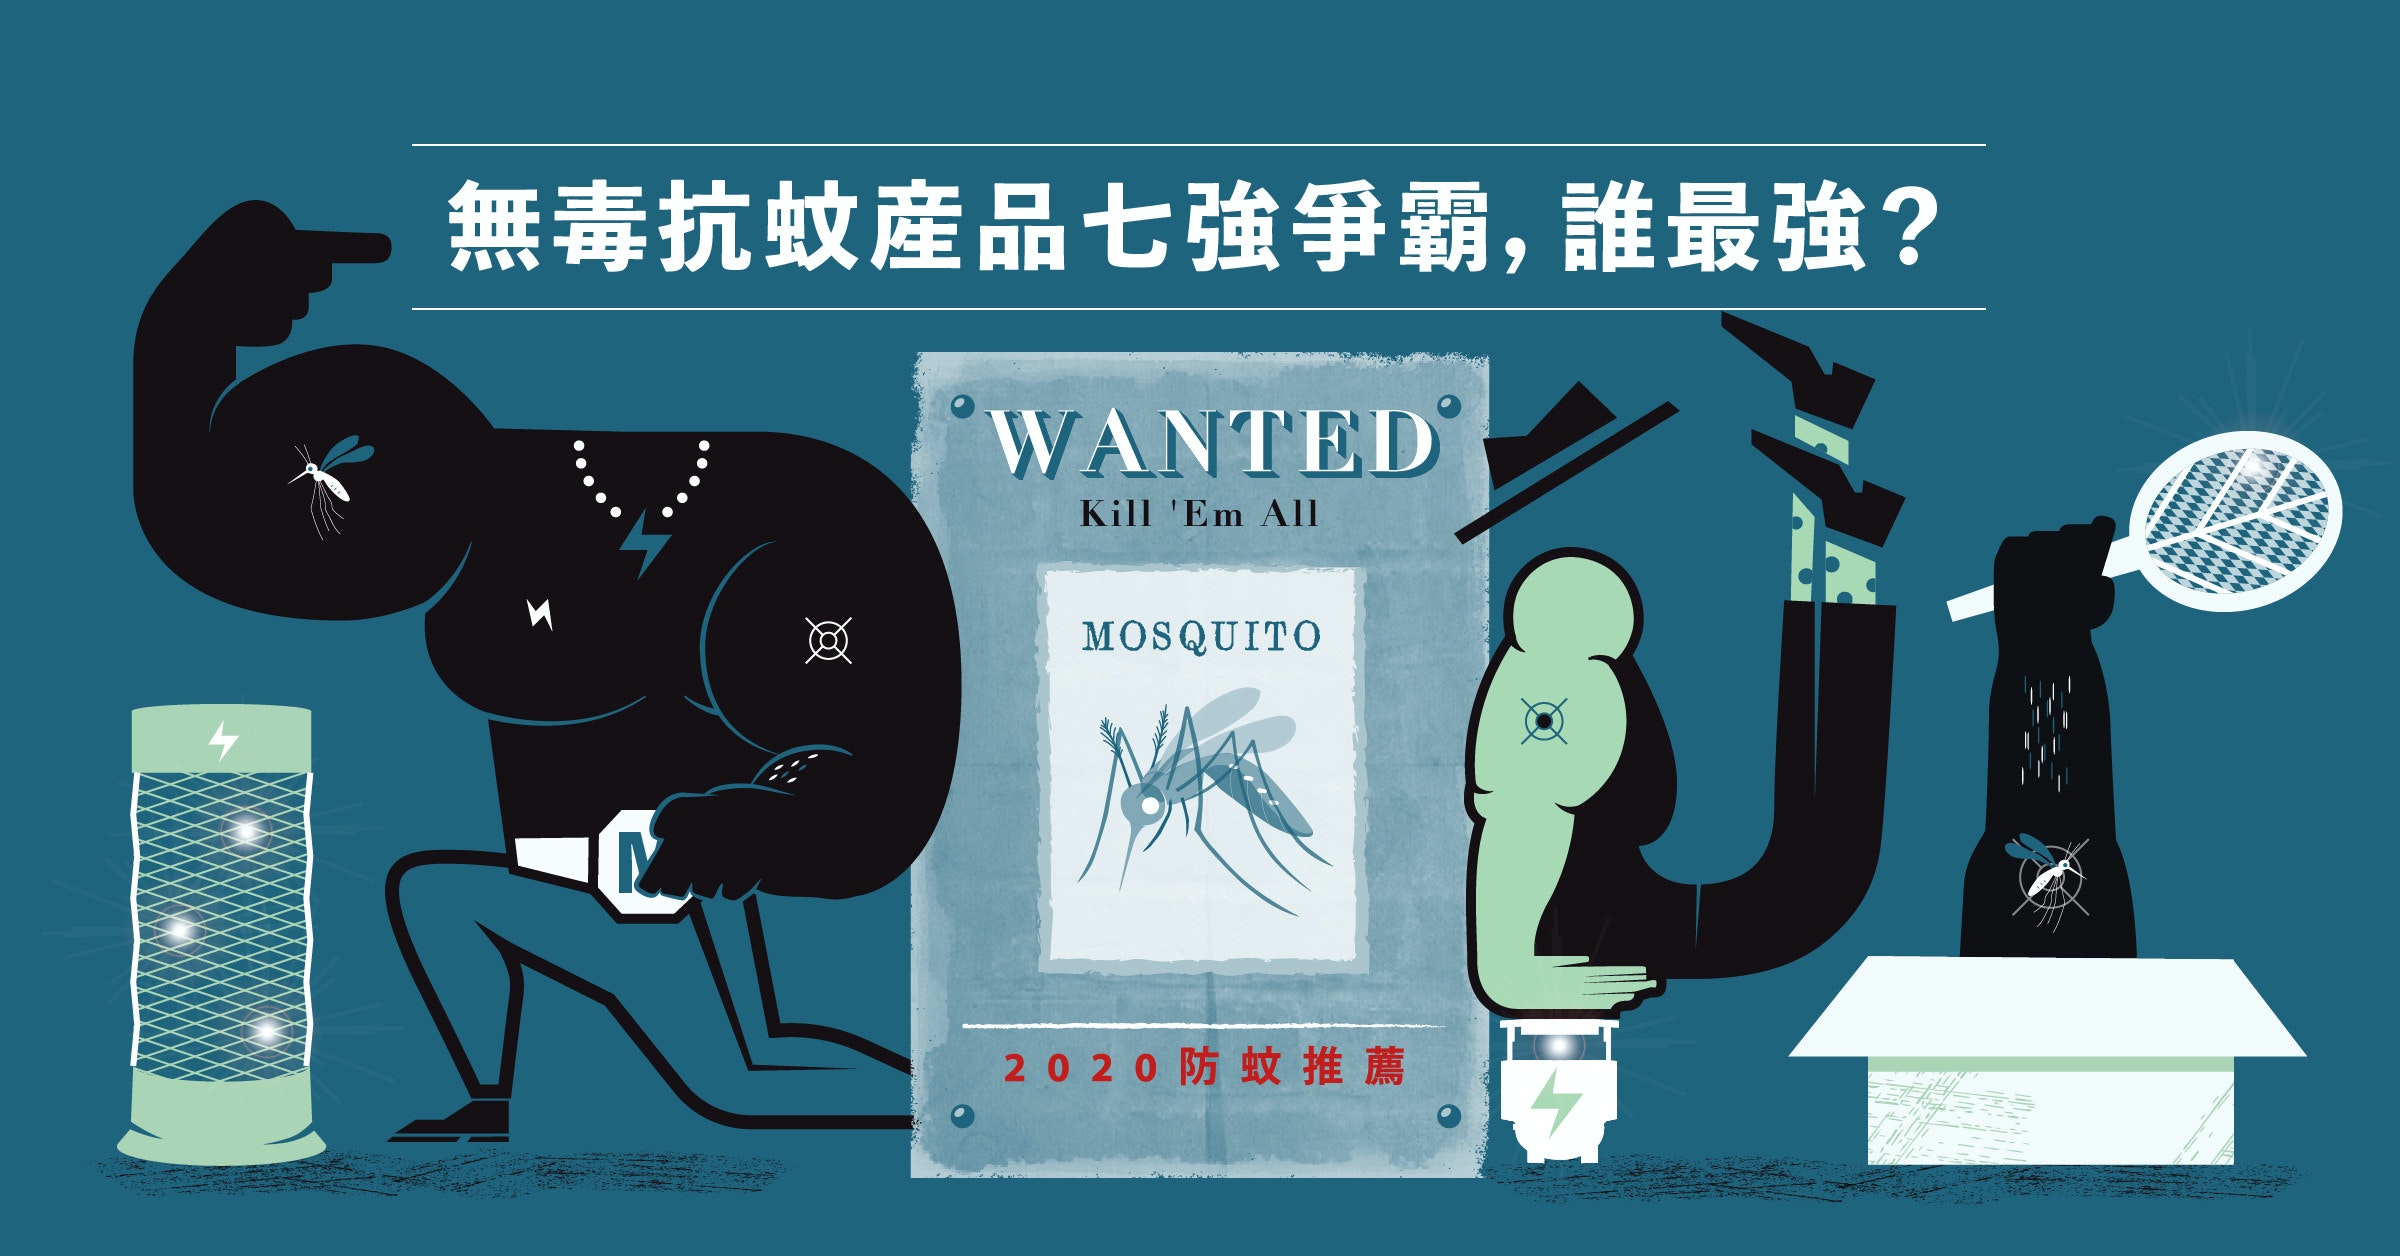 照片中提到了無毒抗蚊產品七強爭霸, 誰最強?、WANTED、Kill 'Em All,包含了無印良品、插圖、海報、人類行為、產品設計